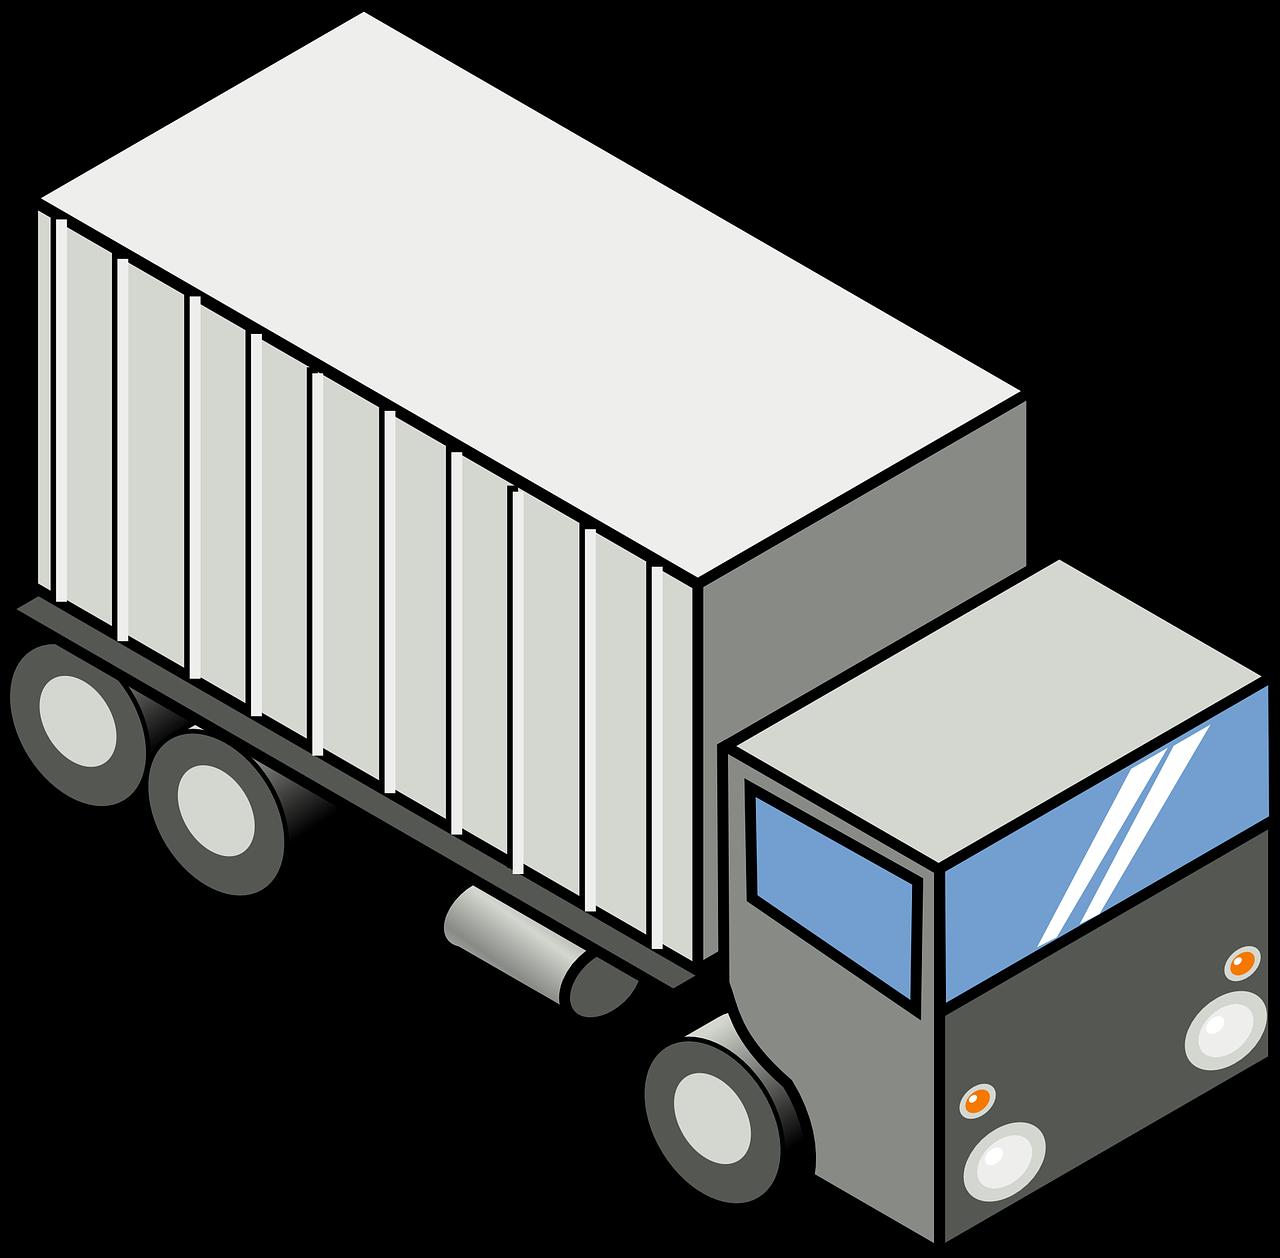 משאיות למכירה – איפה נכון לחפש משאית לרכישה?